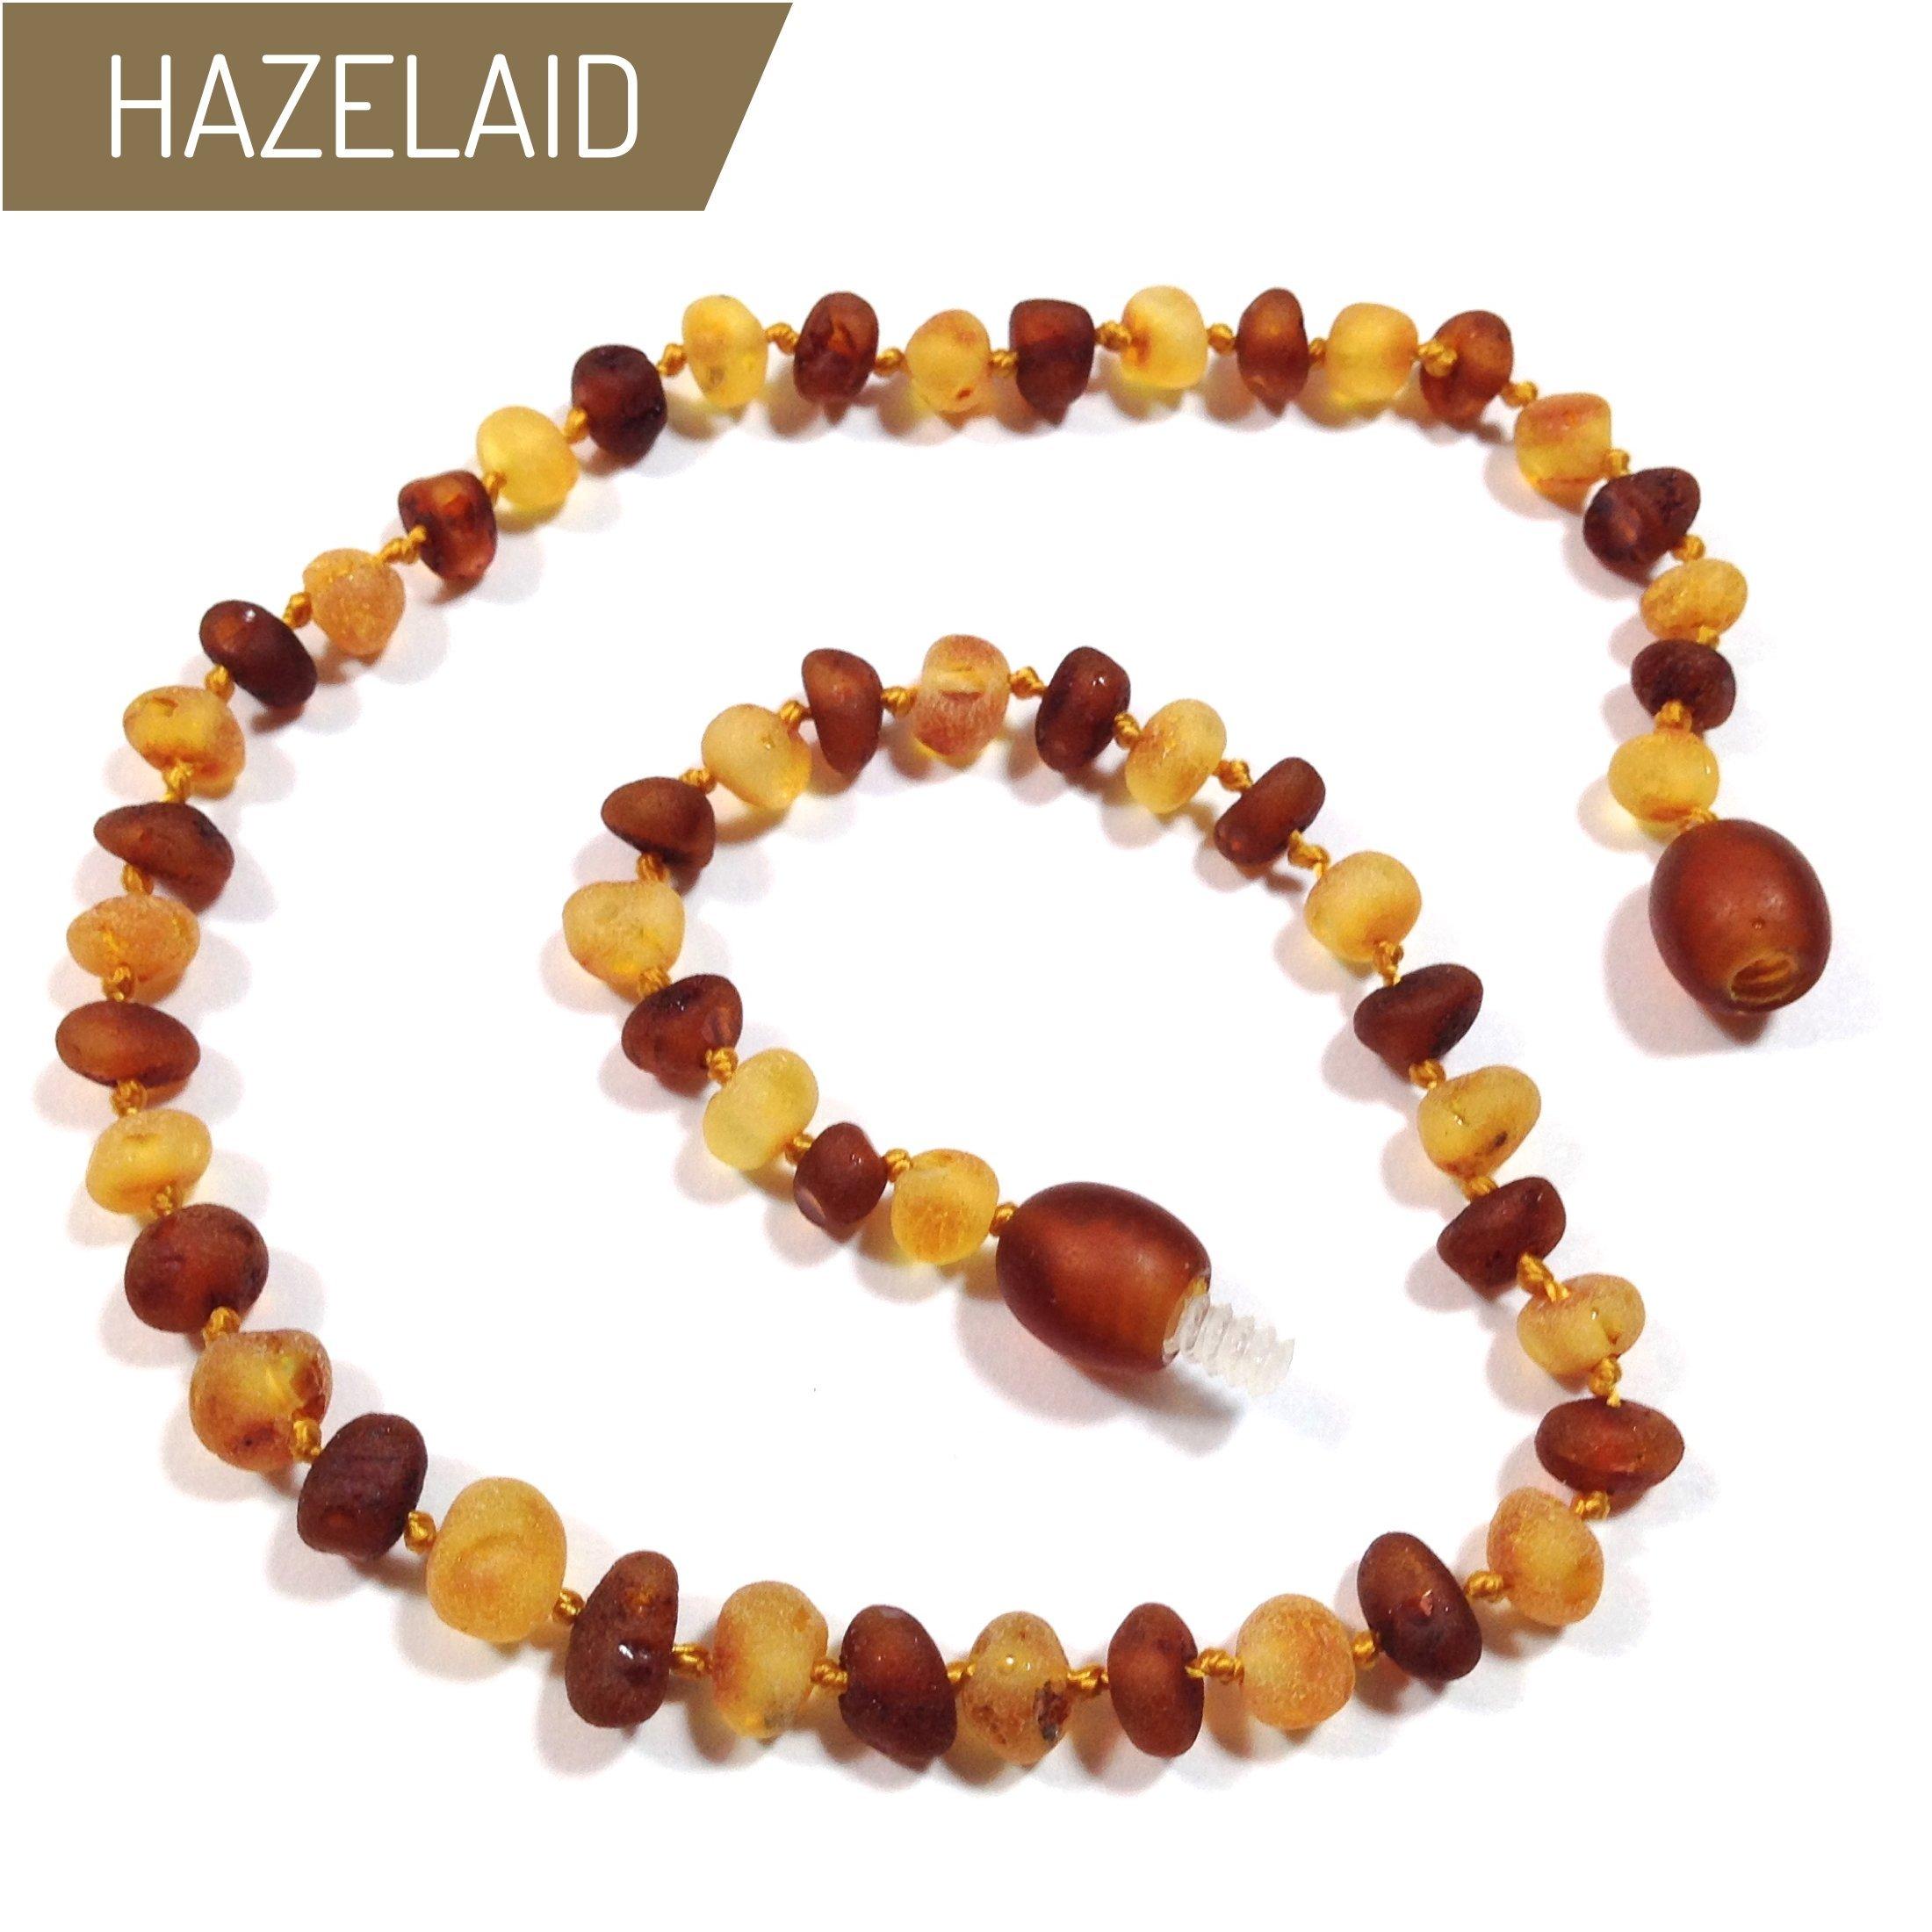 Hazelaid (TM) 14'' Baltic Amber Nutmeg & Lemondrop Necklace